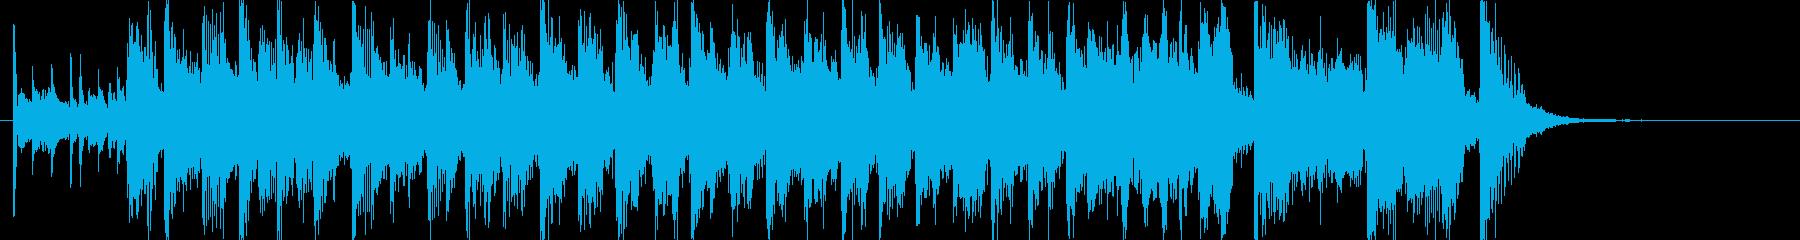 古風でラグタイム風の愉快な居酒屋風(短)の再生済みの波形